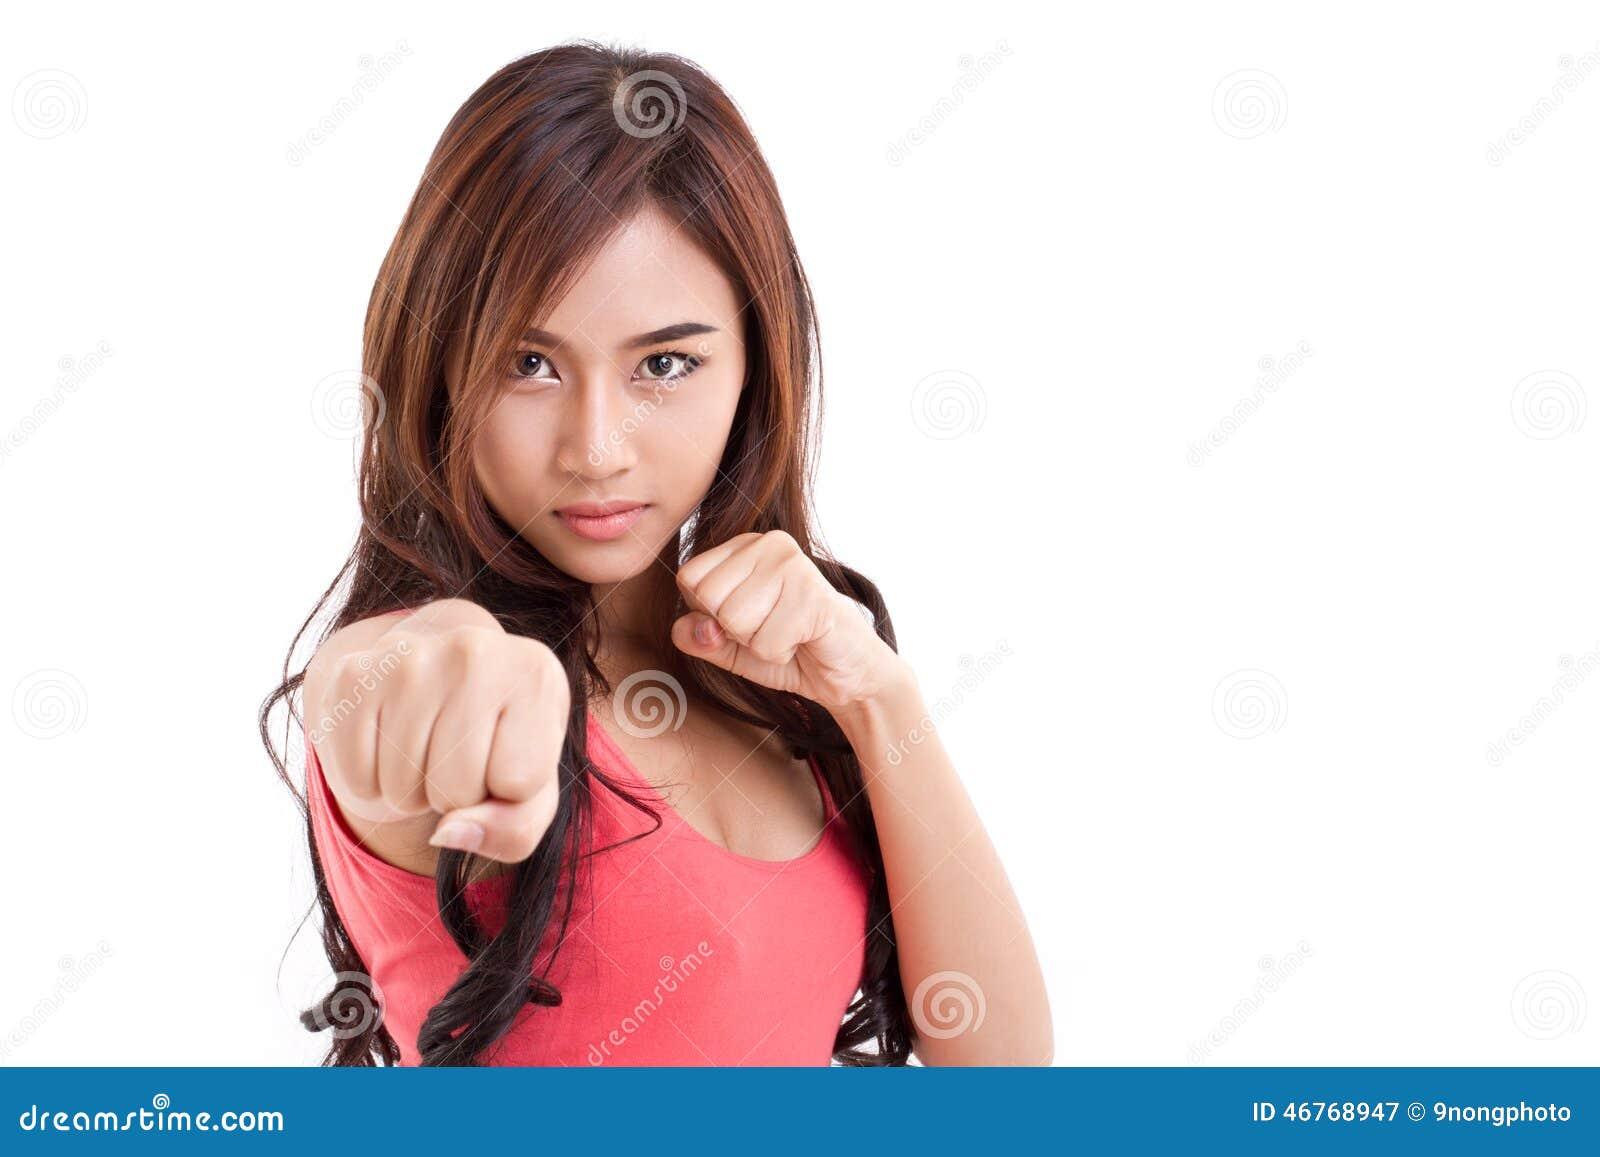 Combattant femelle poinçonnant à vous